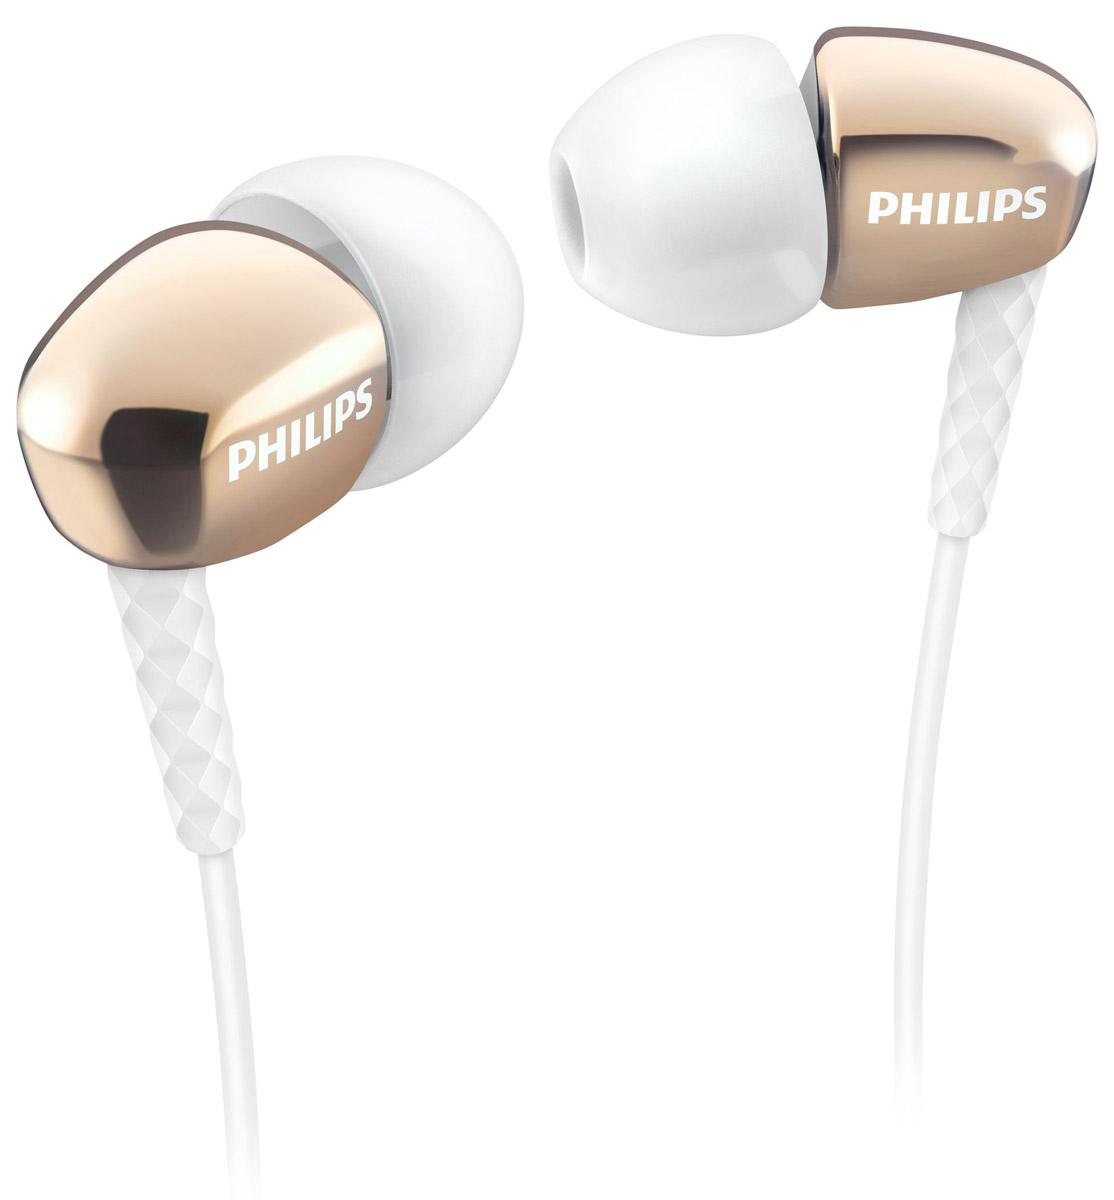 Philips SHE3900GD/51 наушники-вкладышиSHE3900GD/51Стильные и удобные наушники-вкладыши премиум-класса Philips SHE3900 обеспечивают превосходные басы. Качественные излучатели воспроизводят мощный звук. Насадки 3 размеров для овальных трубок гарантируют комфортную посадку и насыщенные басы. Корпус наушников выполнен с применением вакуумной металлизации, что придает им утонченный внешний вид. Маленькие, но эффективные излучатели обеспечивают плотное прилегание и чистый звук с мощными басами. Идеальны для наслаждения любимой музыкой. В комплект входят насадки 3 размеров (маленькие, средние и большие), чтобы вы могли выбрать подходящий вариант. Текстурированный фиксатор кабеля обеспечивает надежное и гибкое соединение между кабелем и штекером.